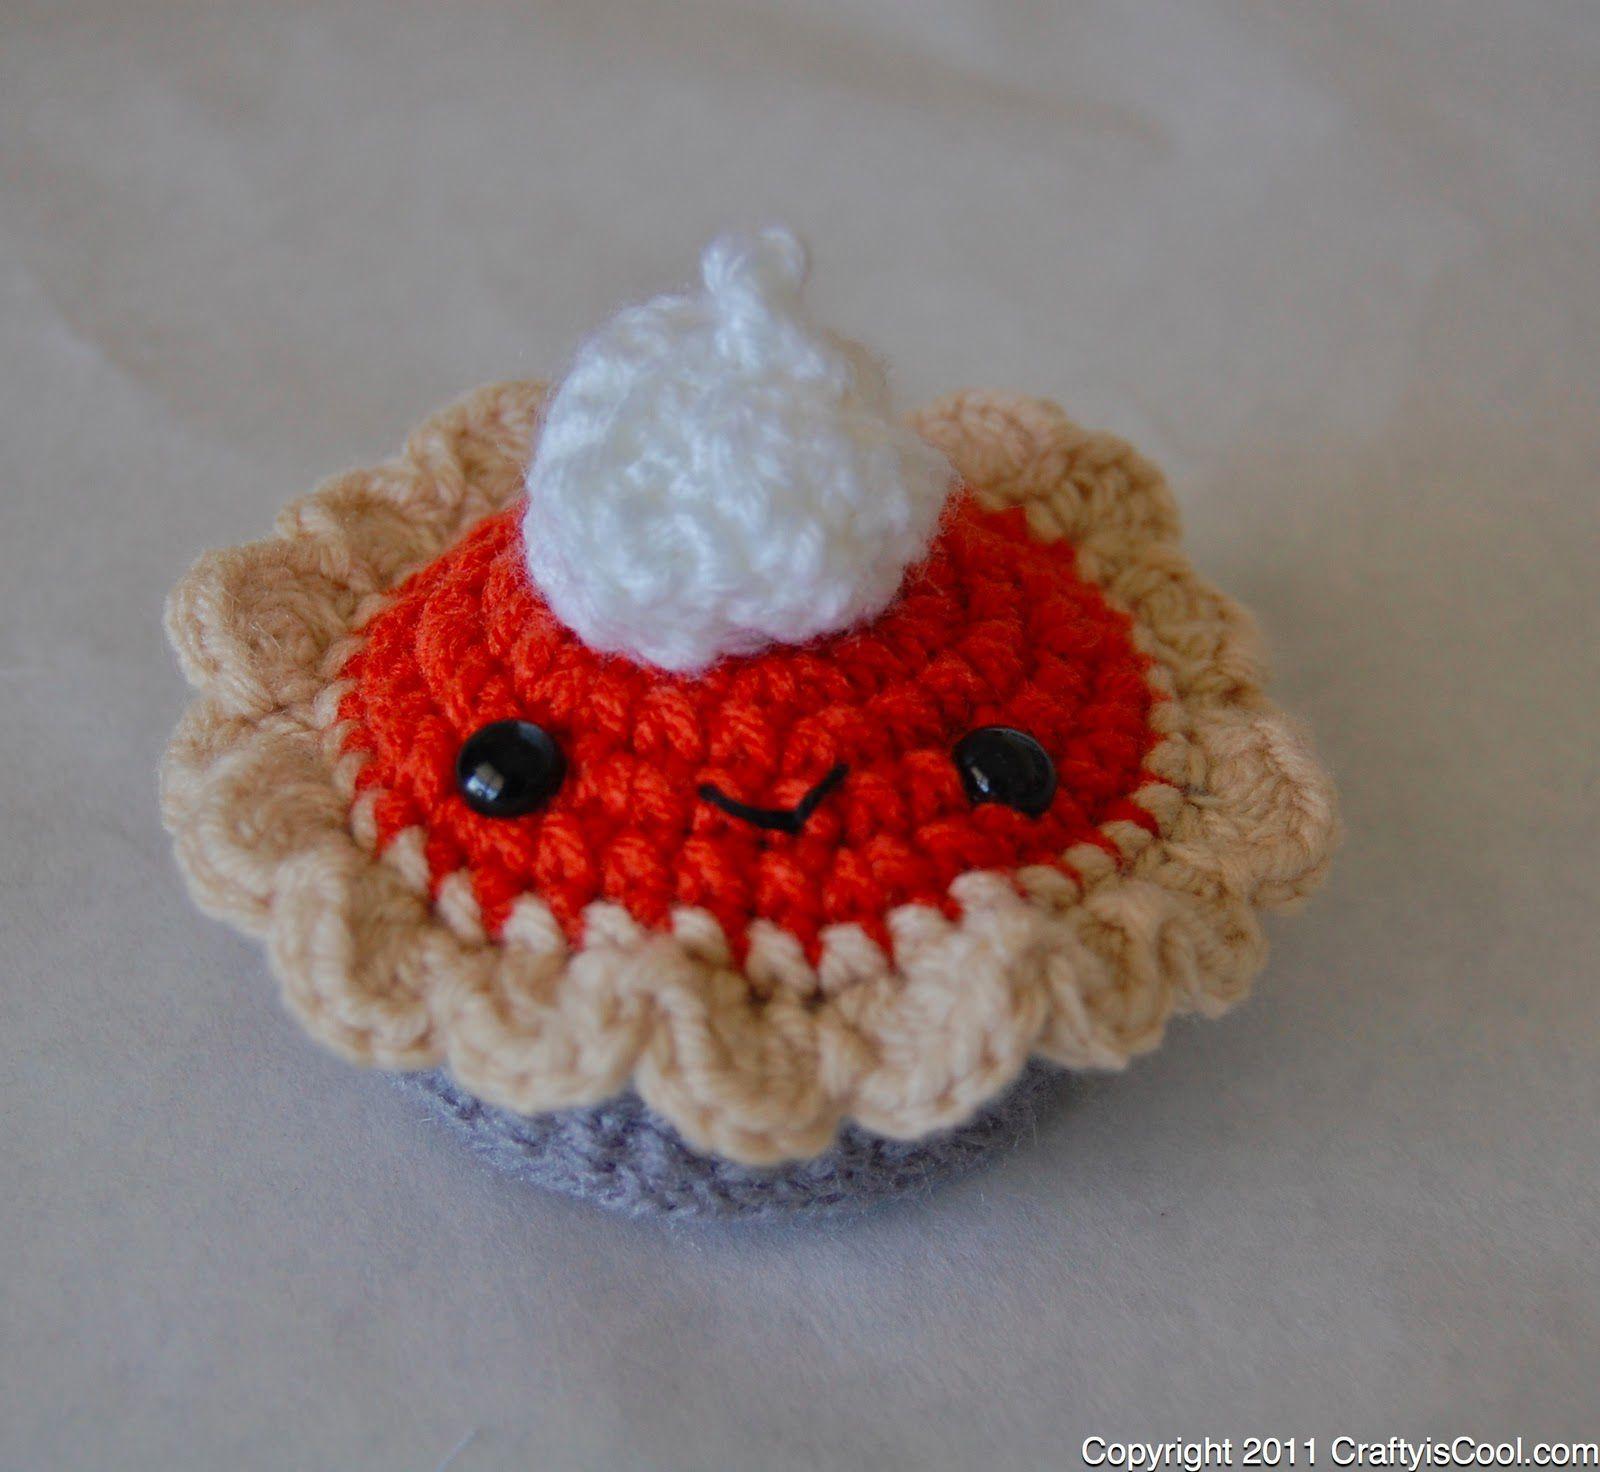 Pumpkin Pie Crochet Pattern